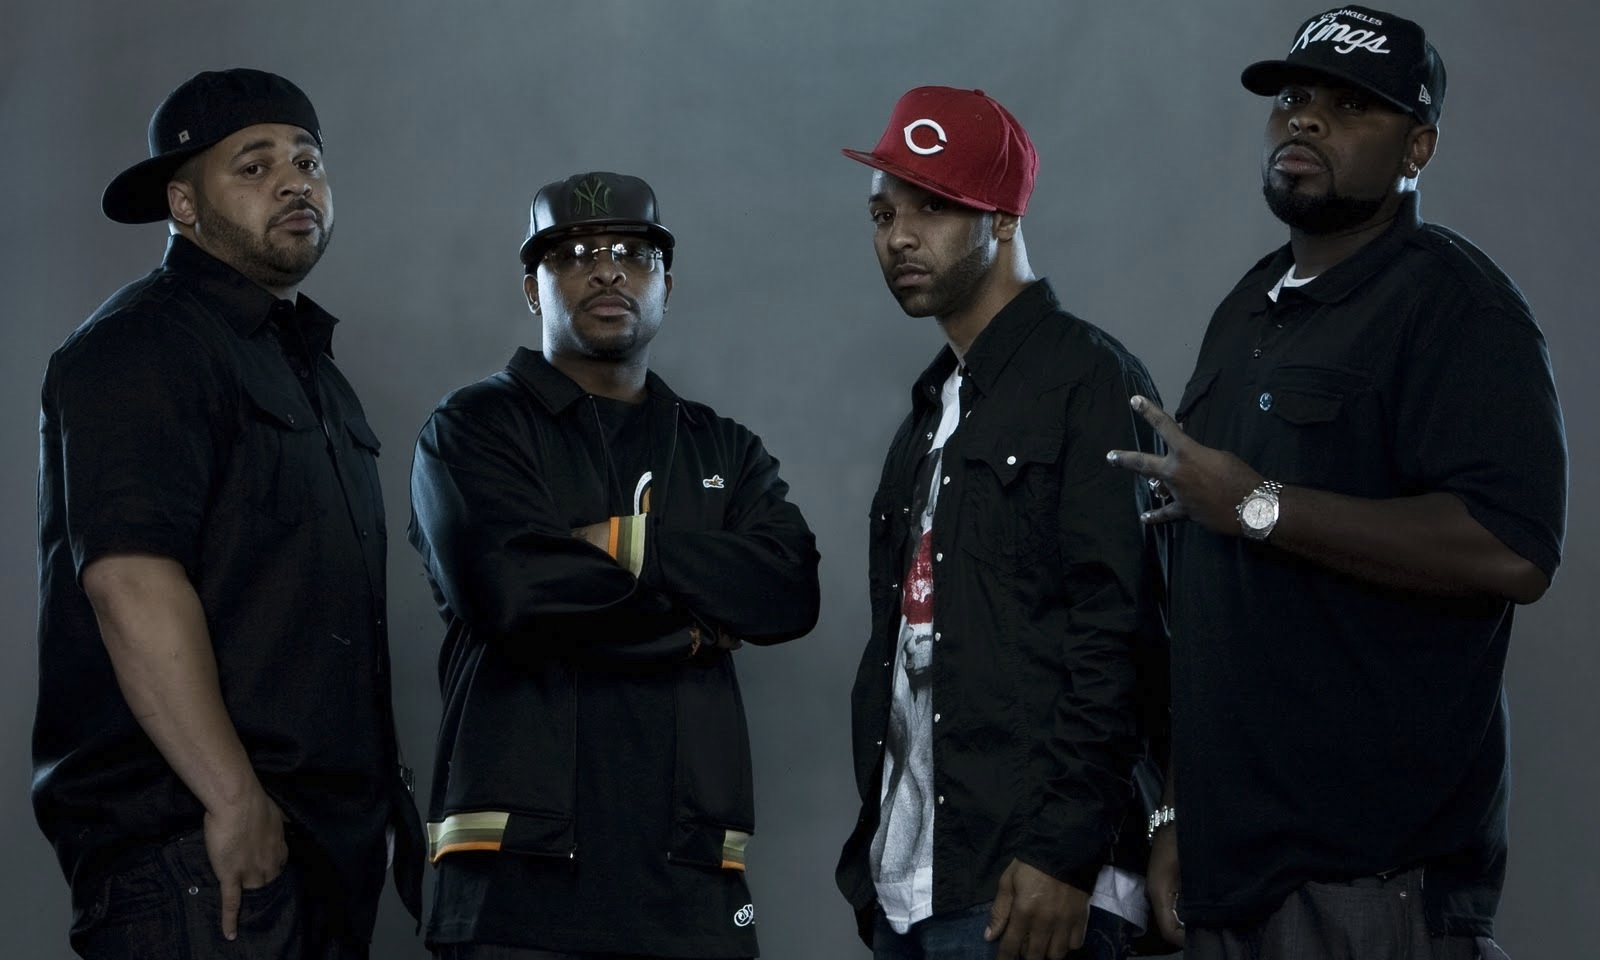 Eminem, Slaughterhouse, Joe Budden, Royce